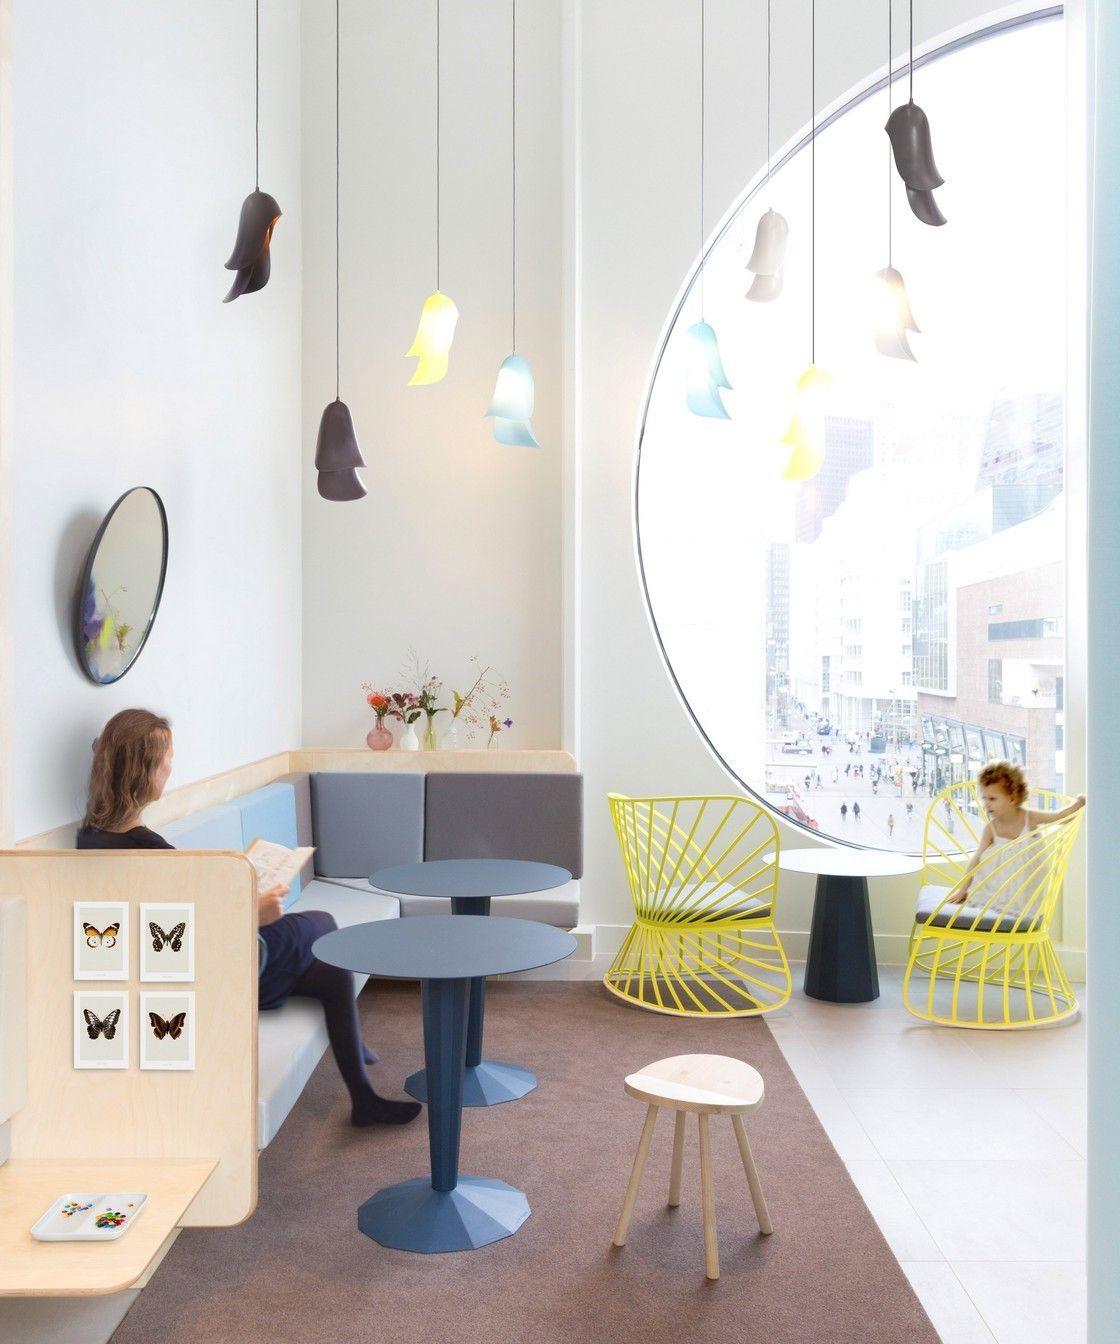 荷兰海牙酒店设计欣赏